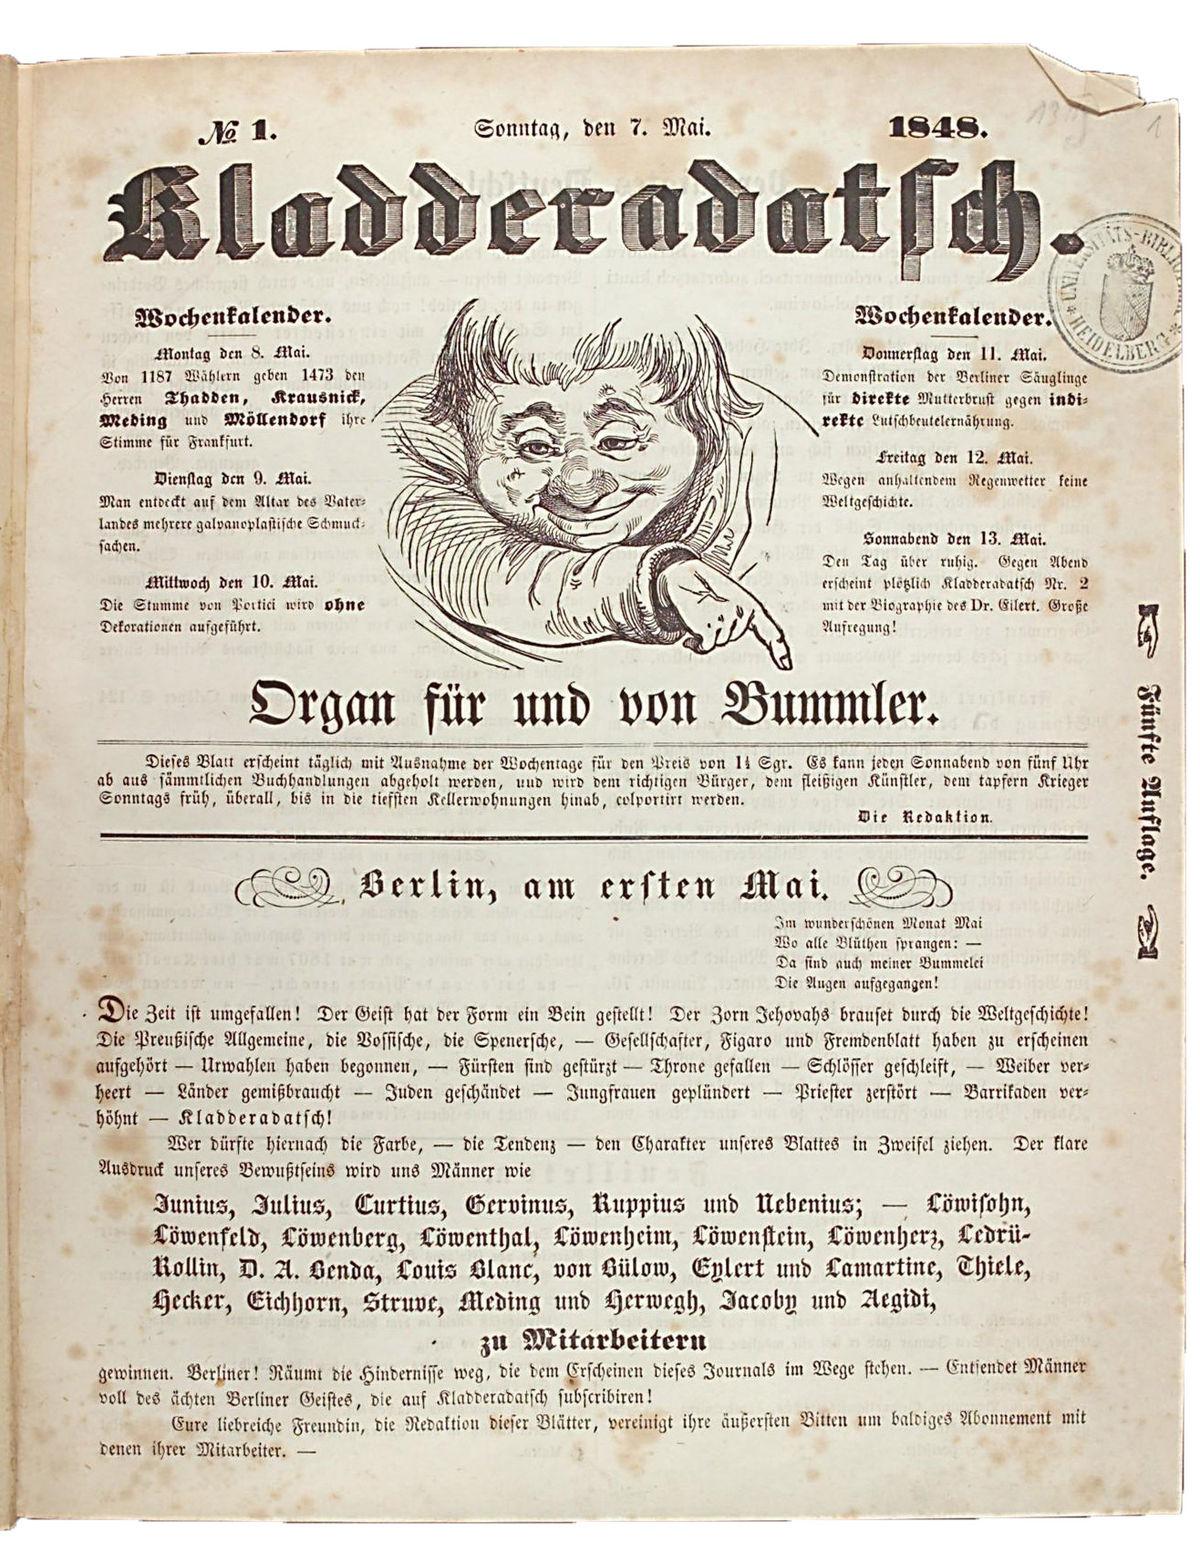 Die erste Ausgabe des Kladderadatsch (Mai 1848)